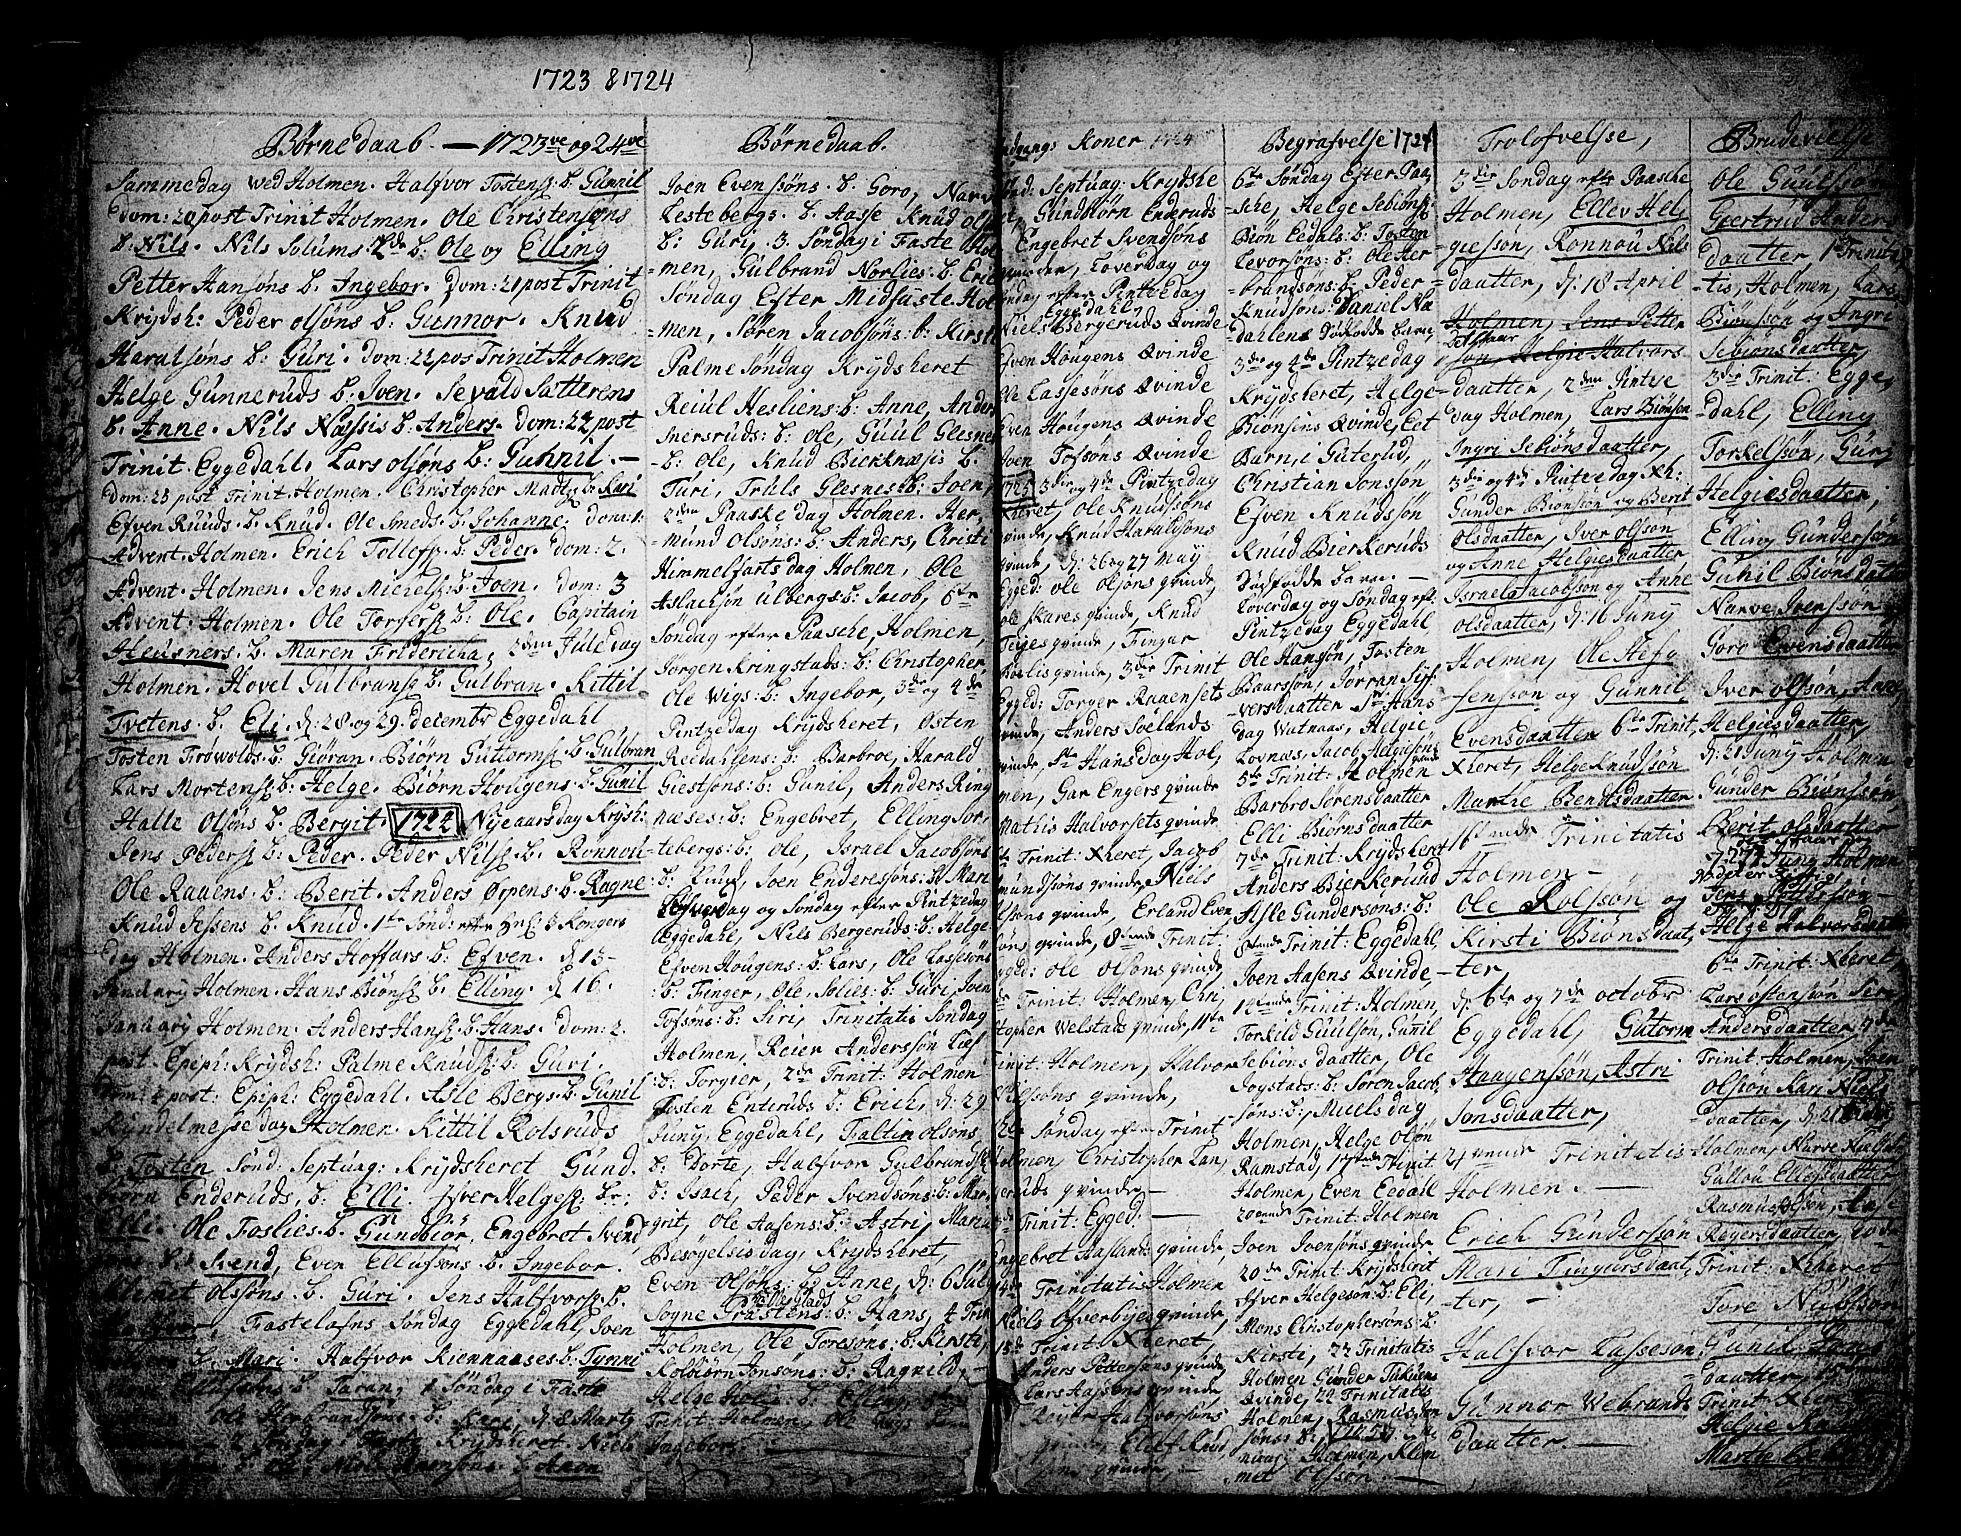 SAKO, Sigdal kirkebøker, F/Fa/L0001: Ministerialbok nr. I 1, 1722-1777, s. 8